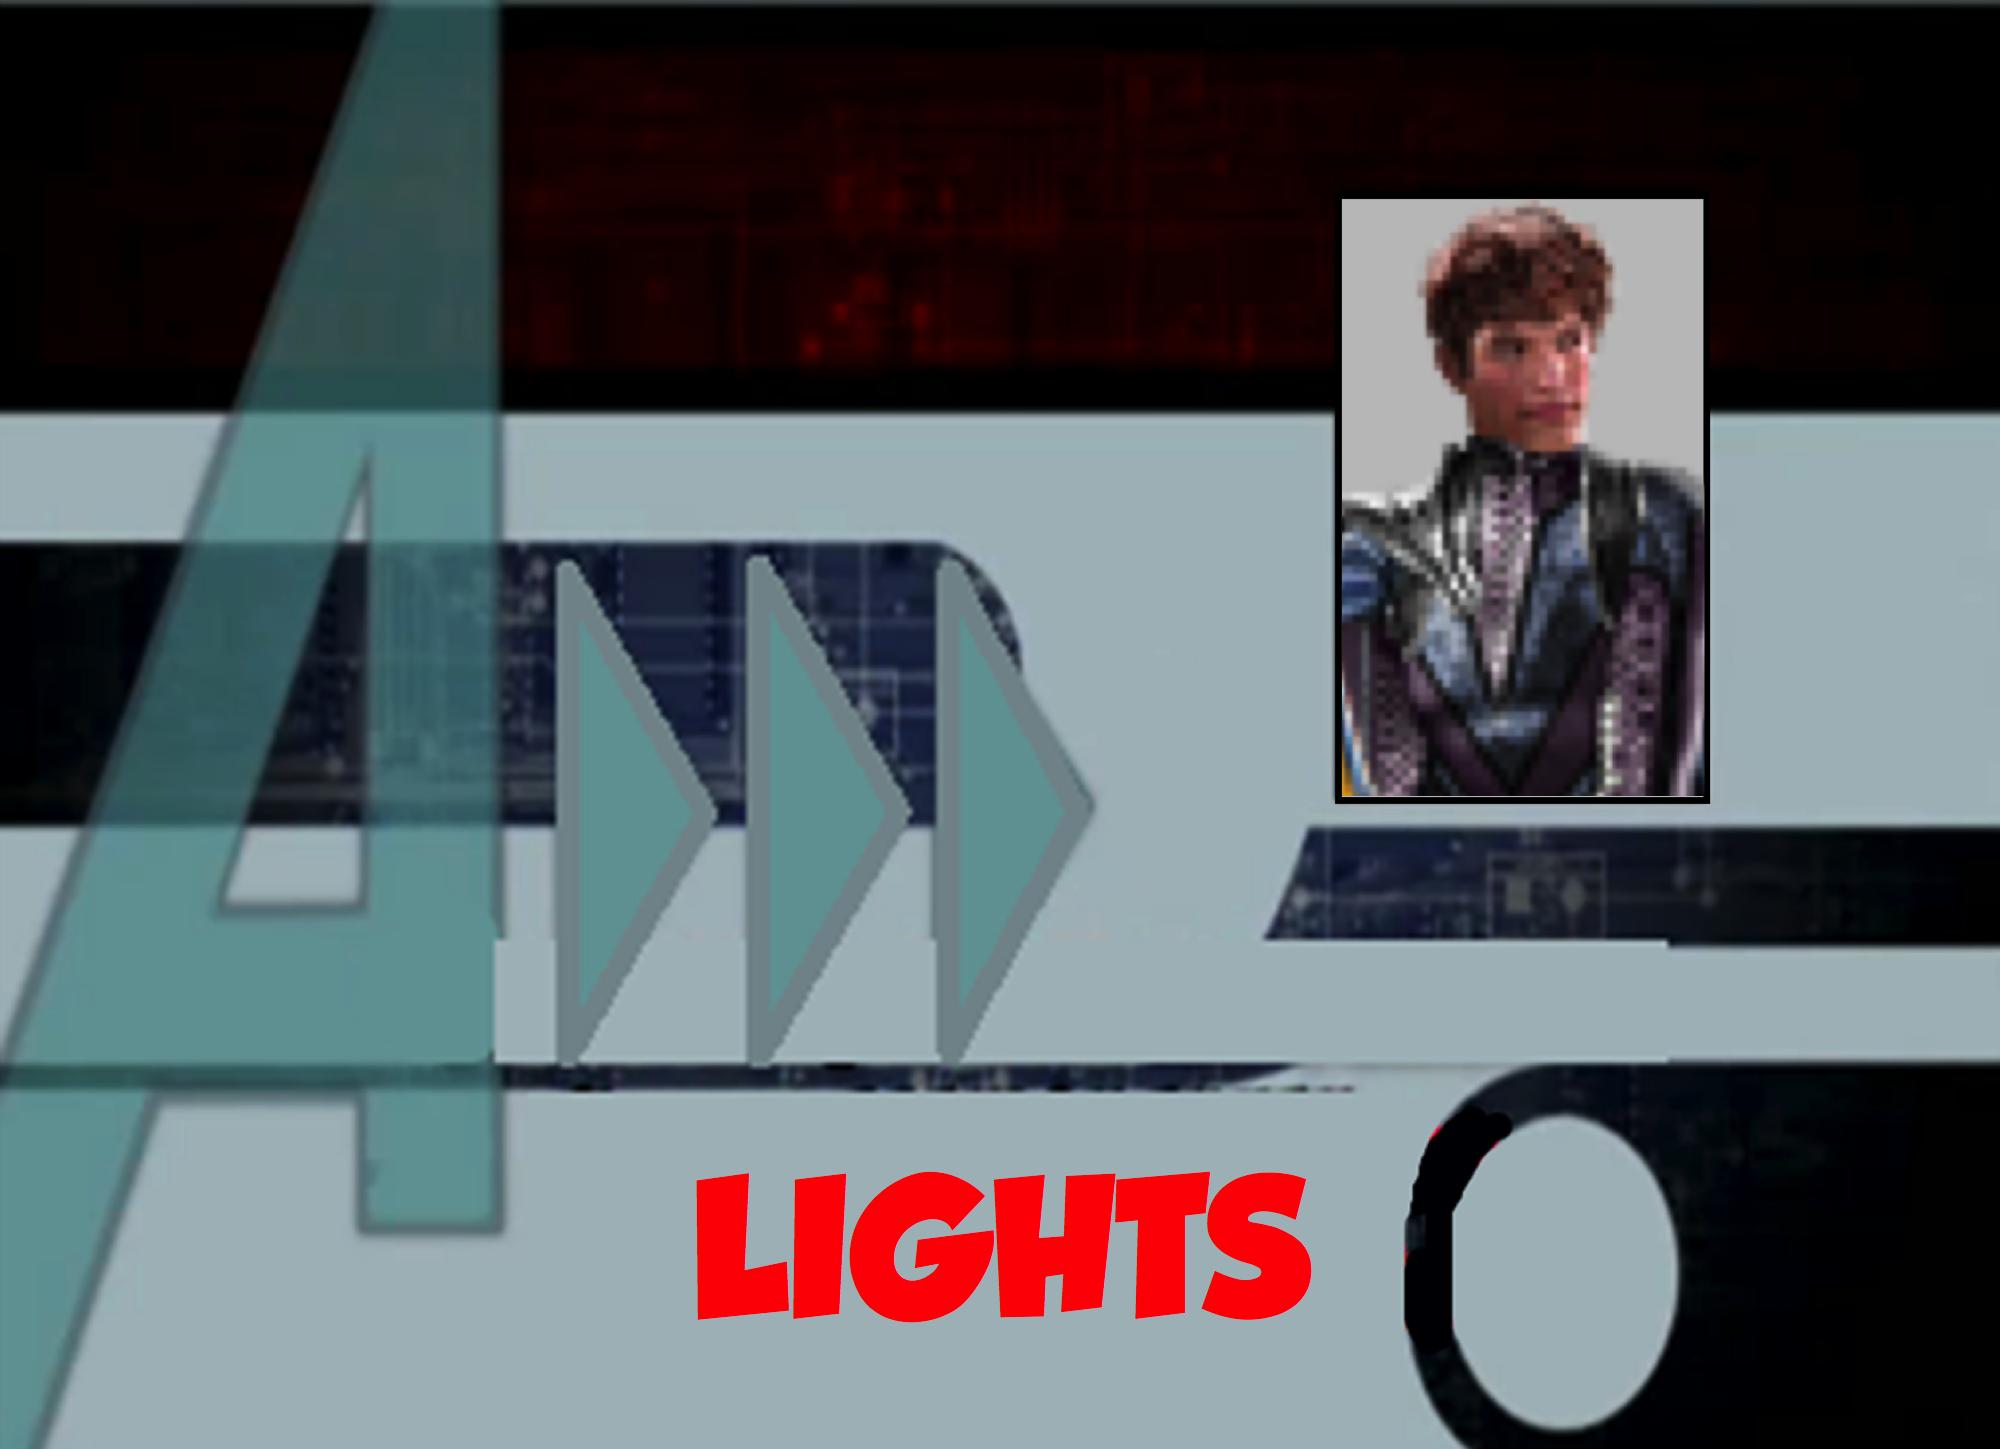 Lights (A!)